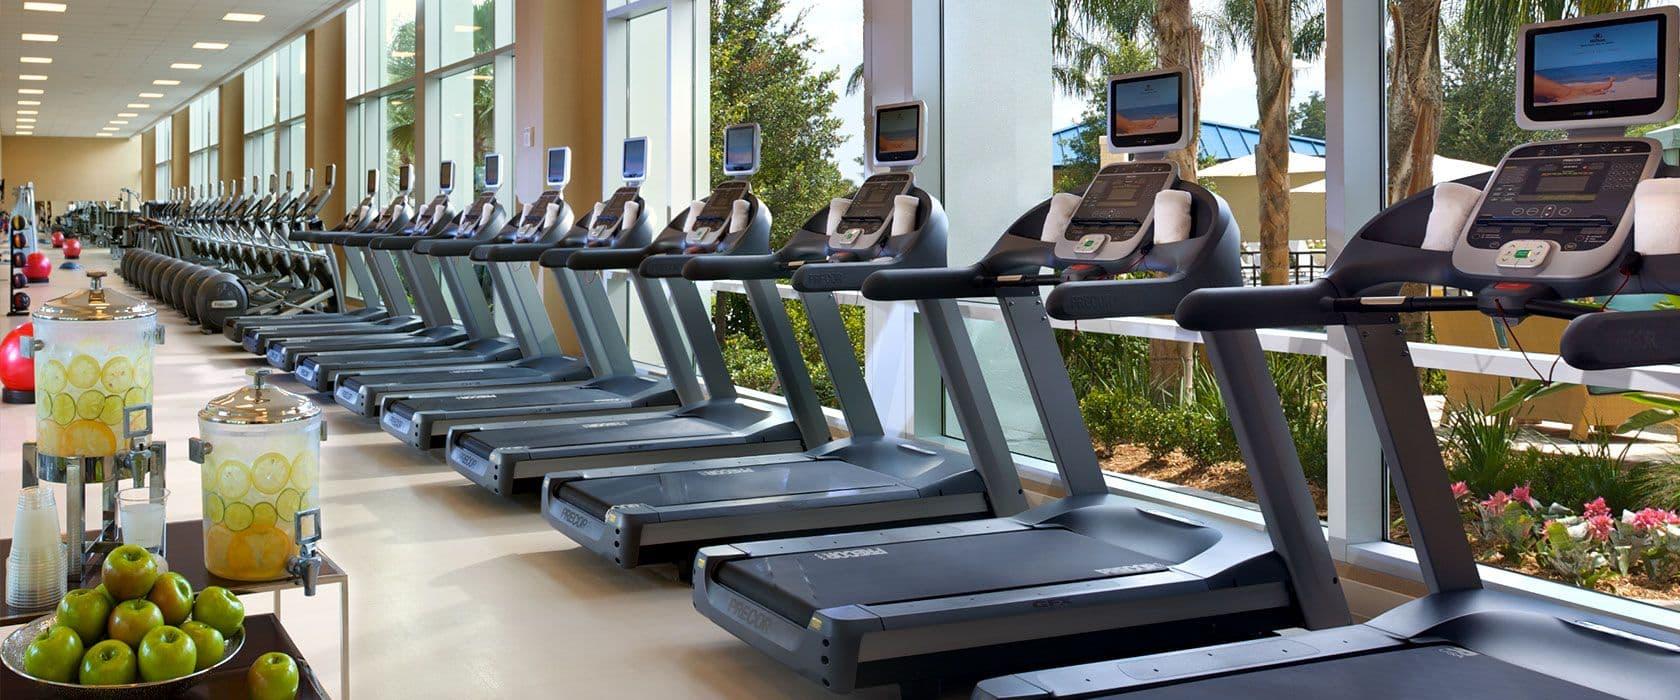 discover_header_fitness.jpg